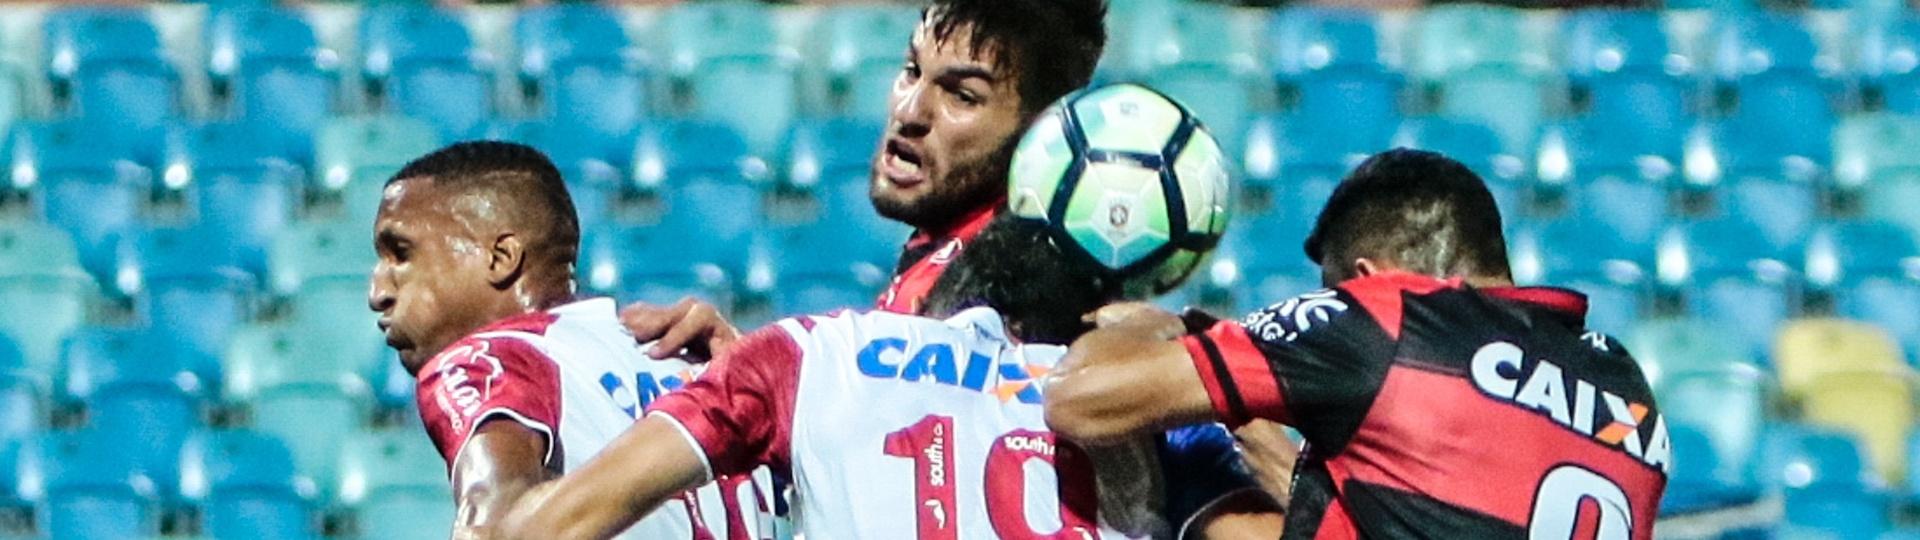 Edson na dividida na partida entre Atlético-GO e Bahia pelo Brasileirão